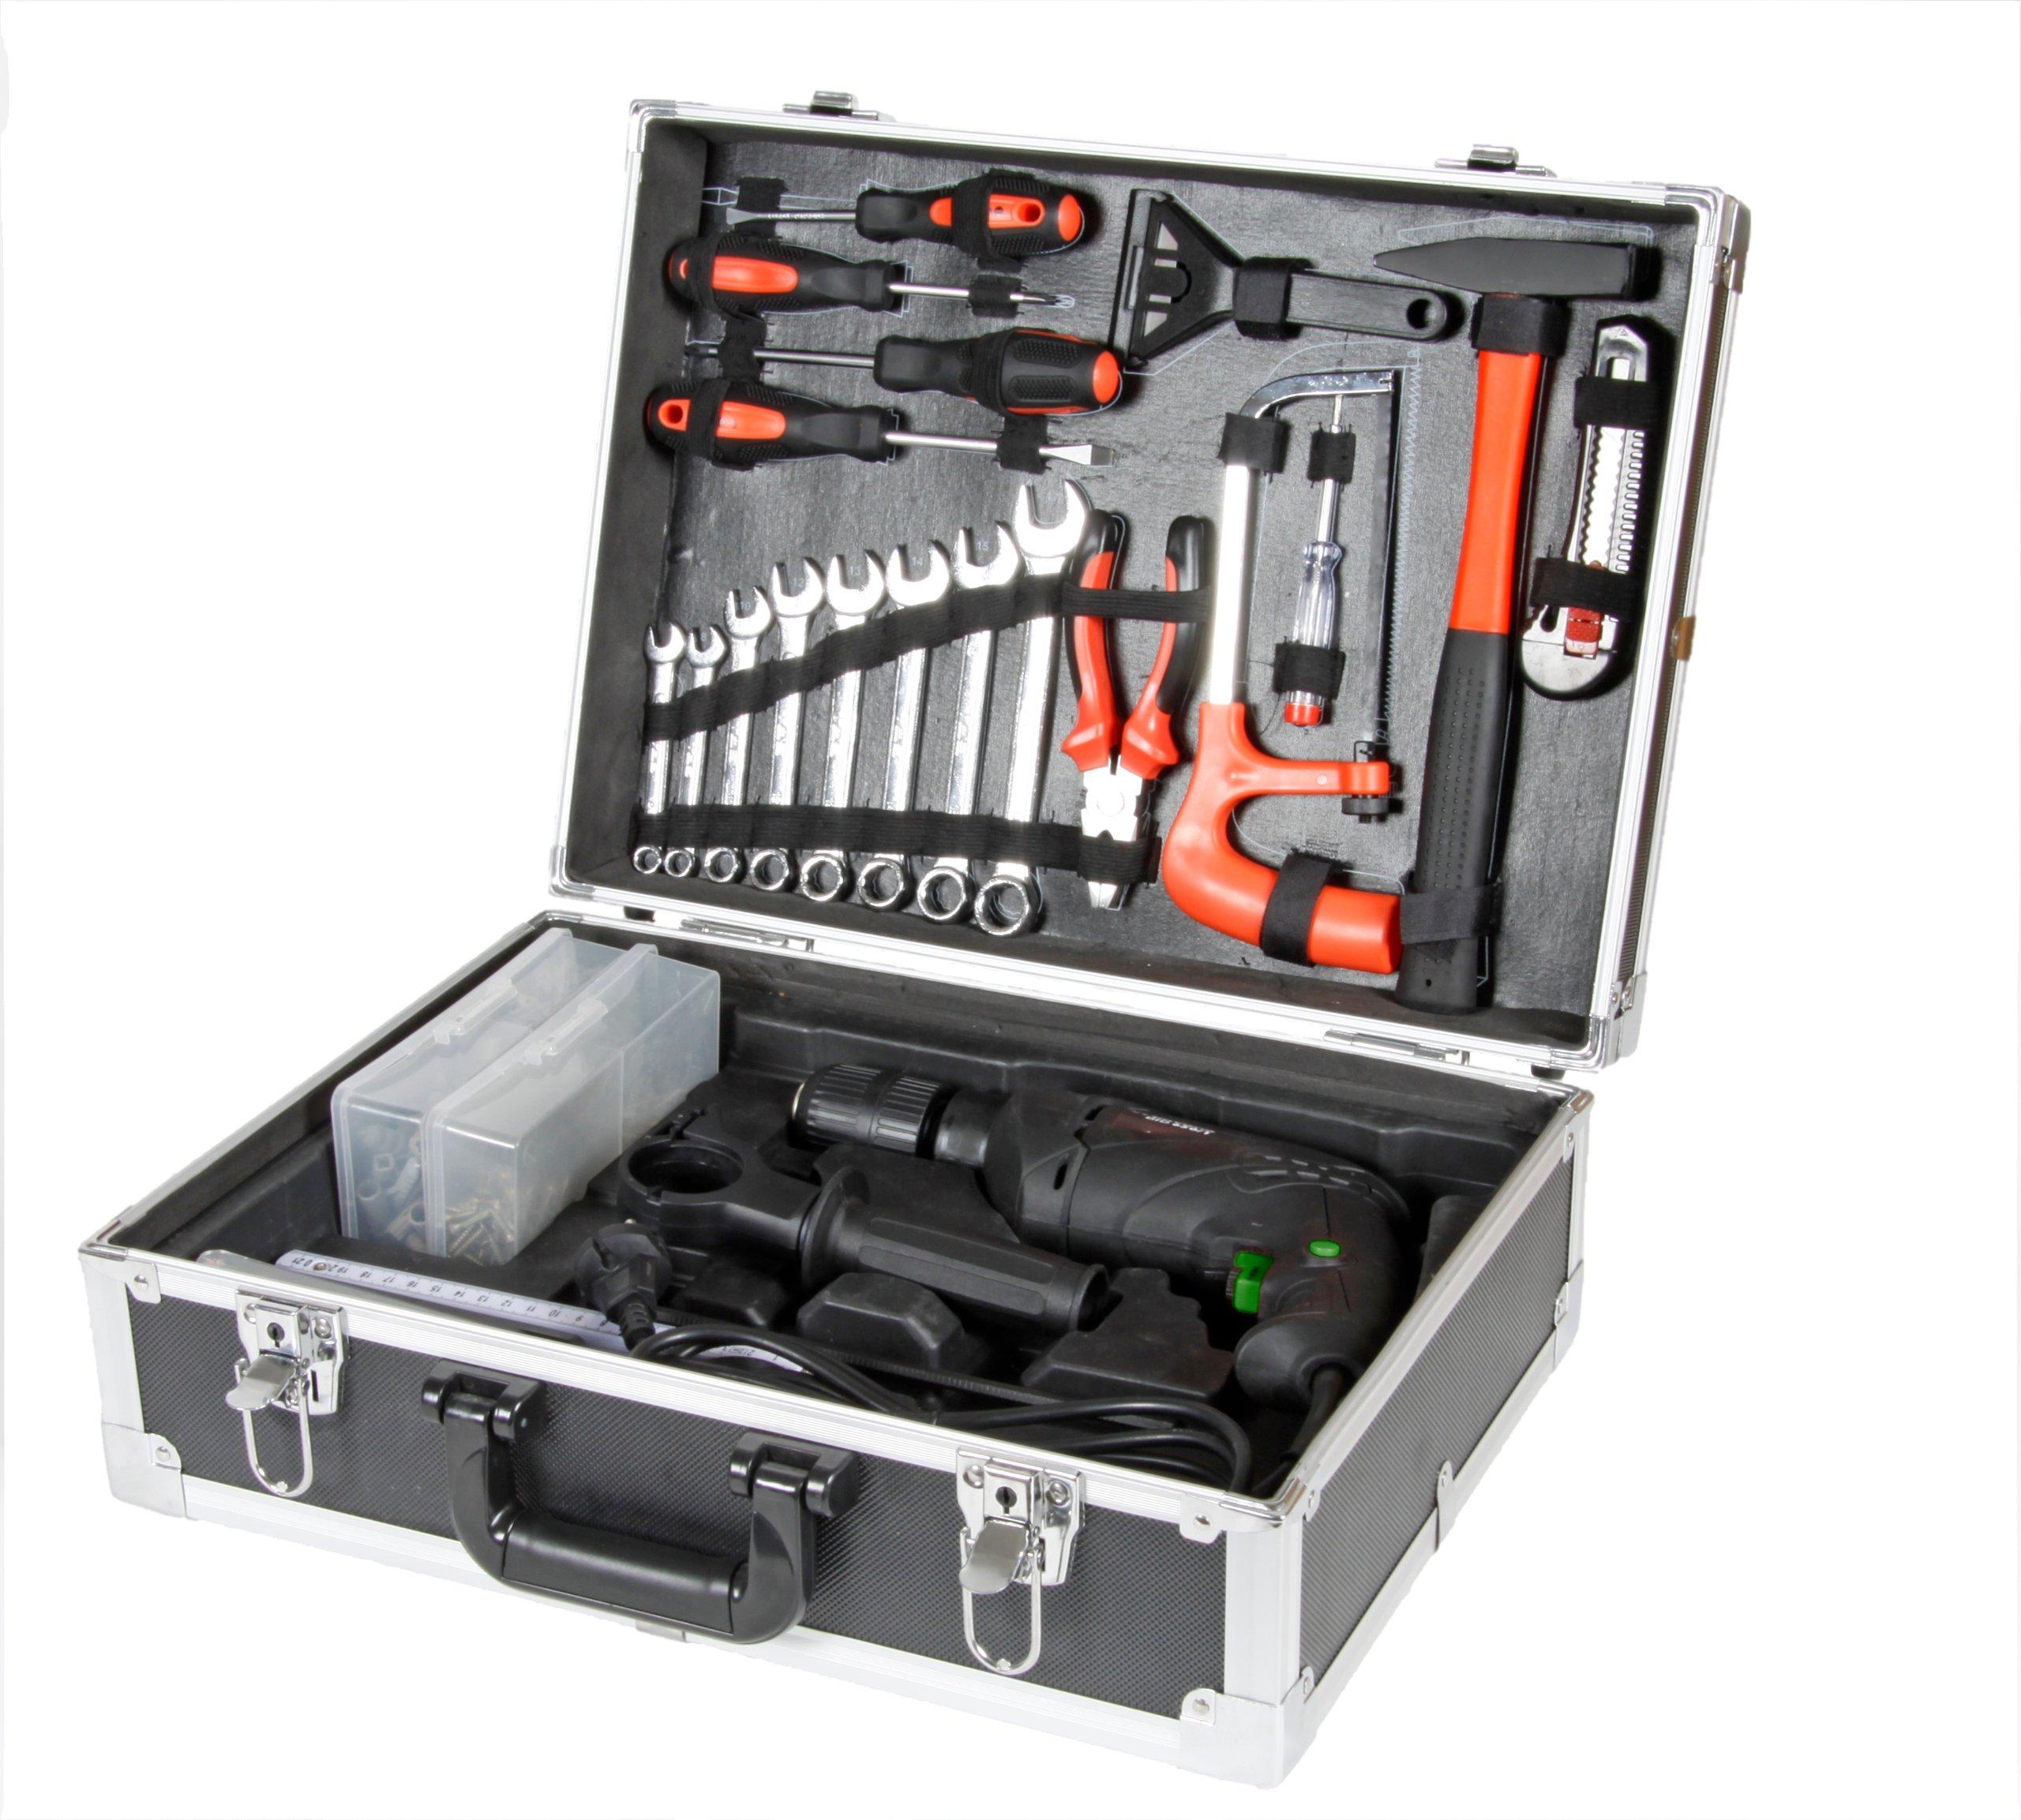 bavaria-BID-6501-Kit-Schlagbohrmaschinen-Set-600-W-Bohrleistung-HolzBetonMetall-251310-mm-inkl-umfangreiches-Zubehr-im-Alukoffer